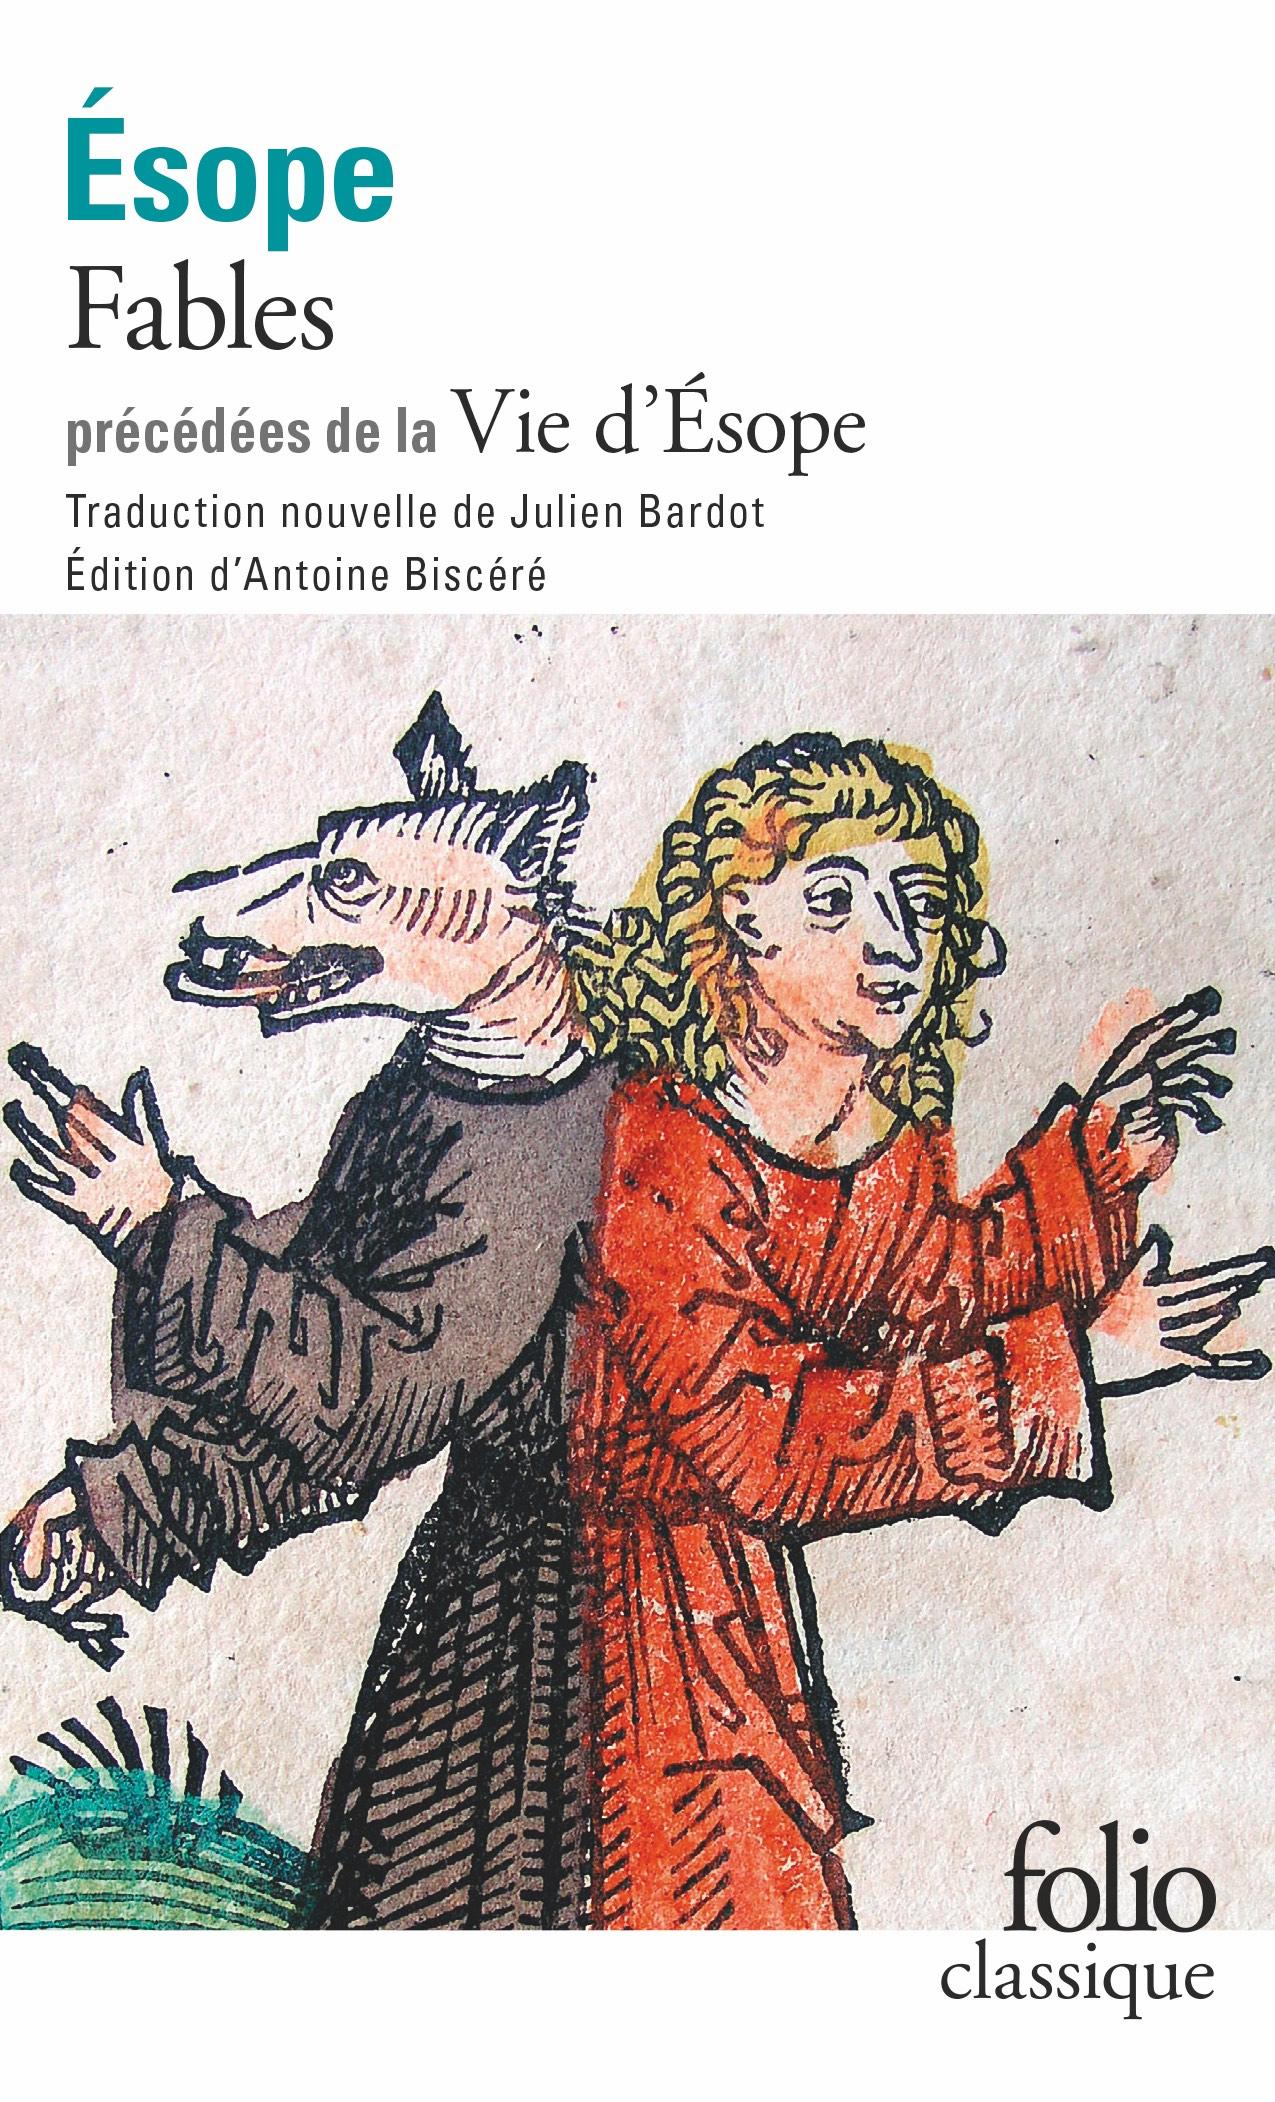 Ésope, Fables (nouvelle trad. J. Bardot)